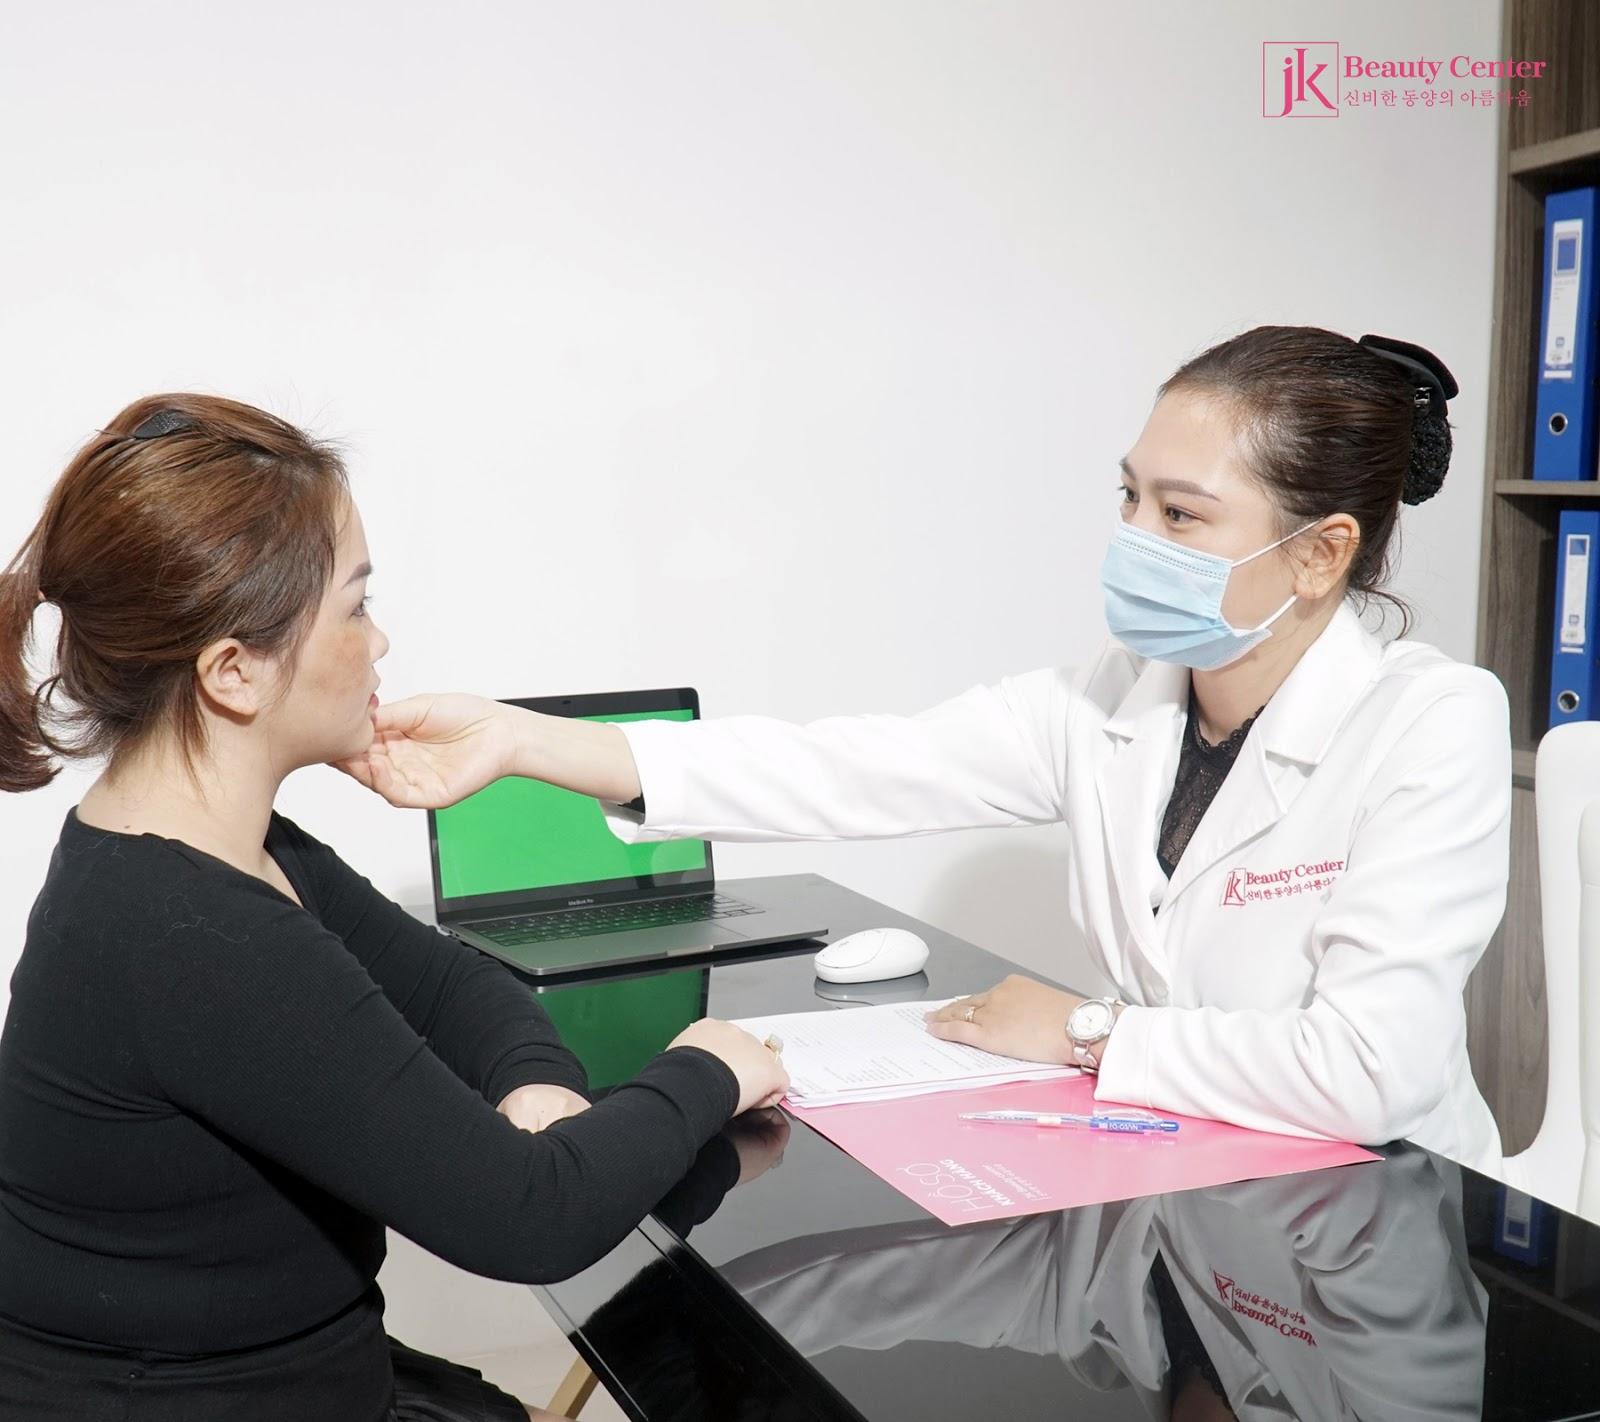 Bác sĩ thực hiện thăm khám, tư vấn, tìm giải pháp cho khách hàng khi đến với phòng khám chuyên khoa phẫu thuật tạo hình thẩm mỹ JK Việt Nam